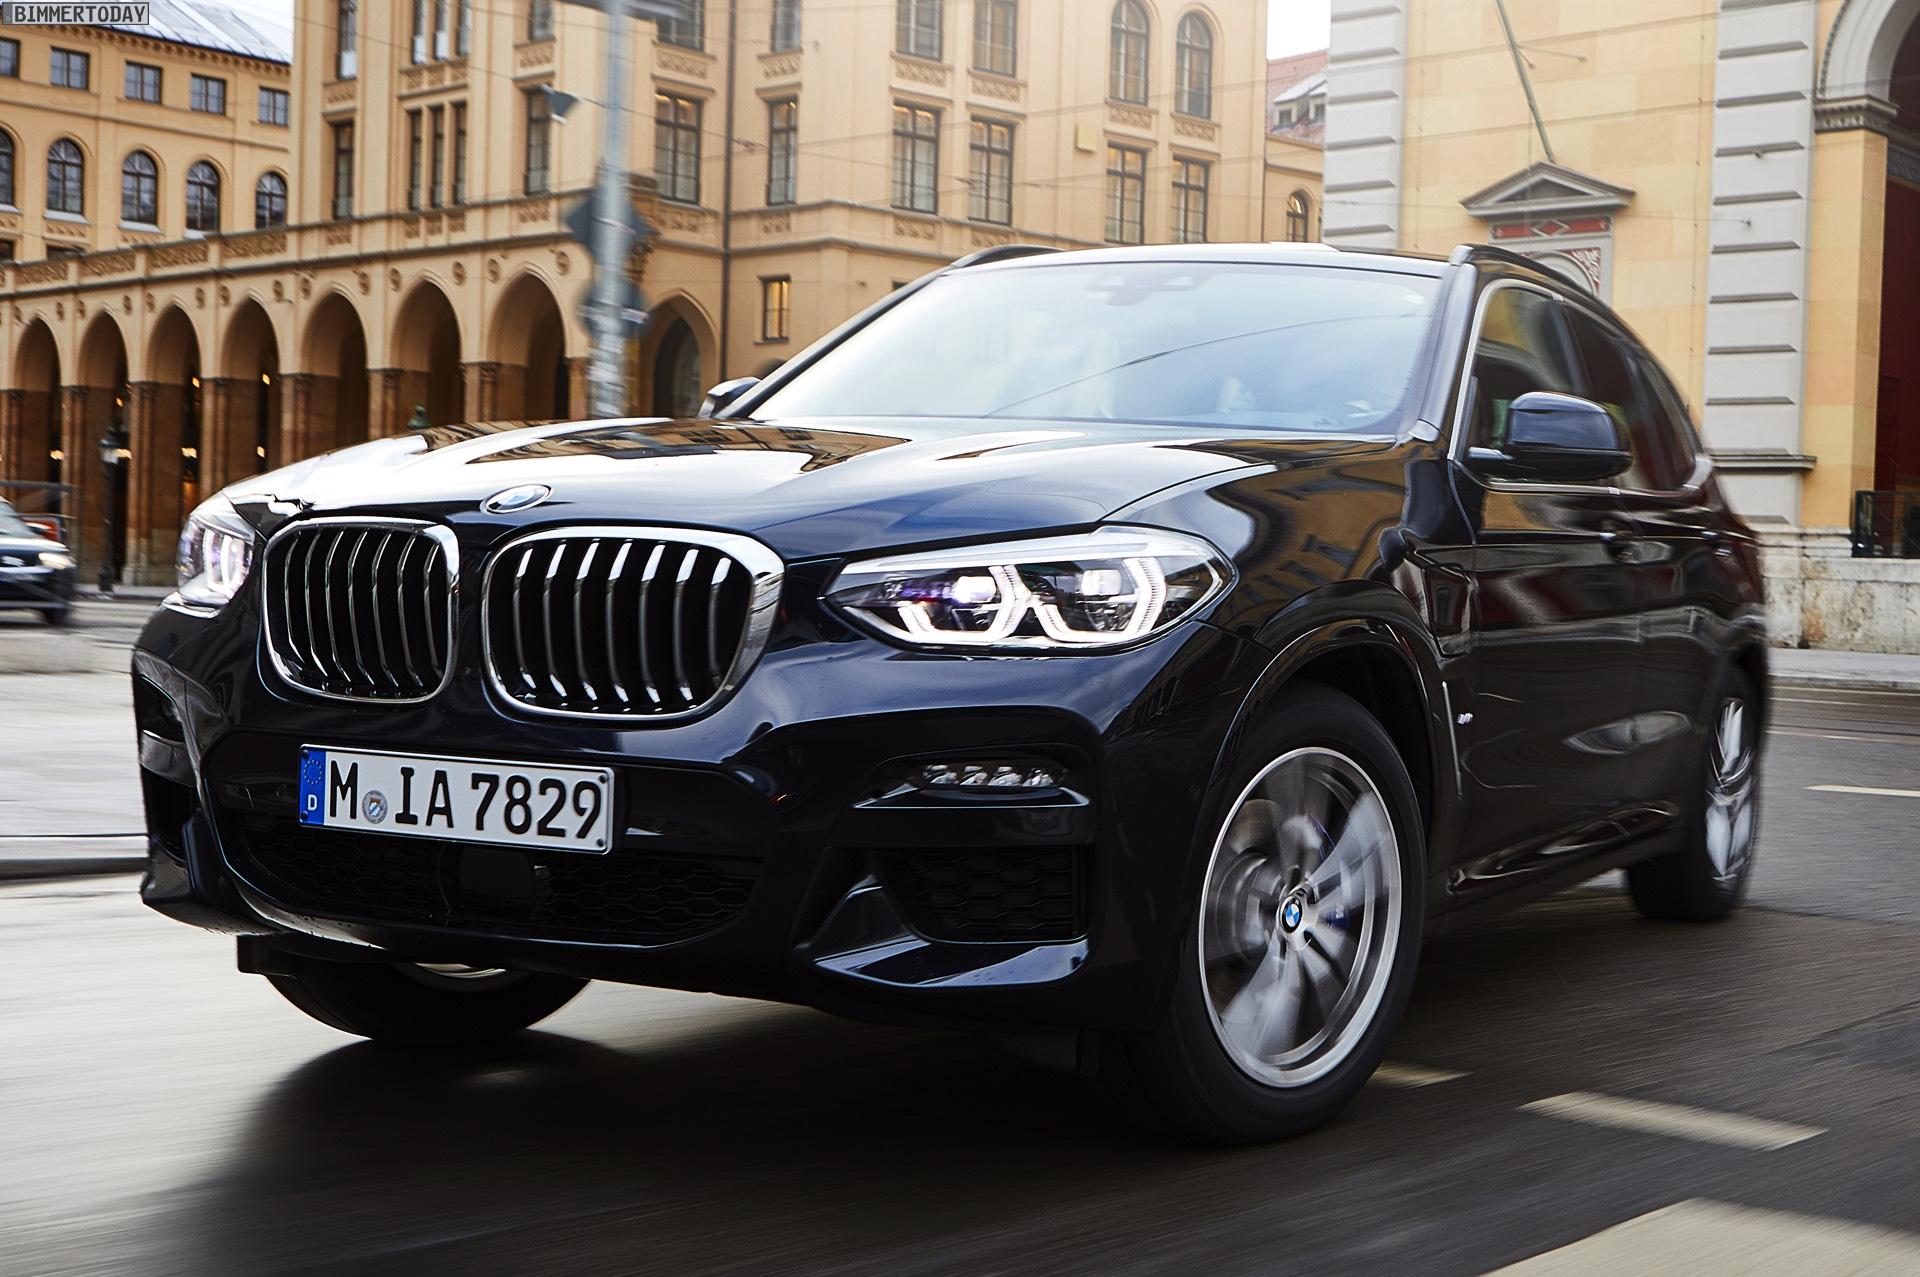 2020 BMW X3 Hybrid Speed Test